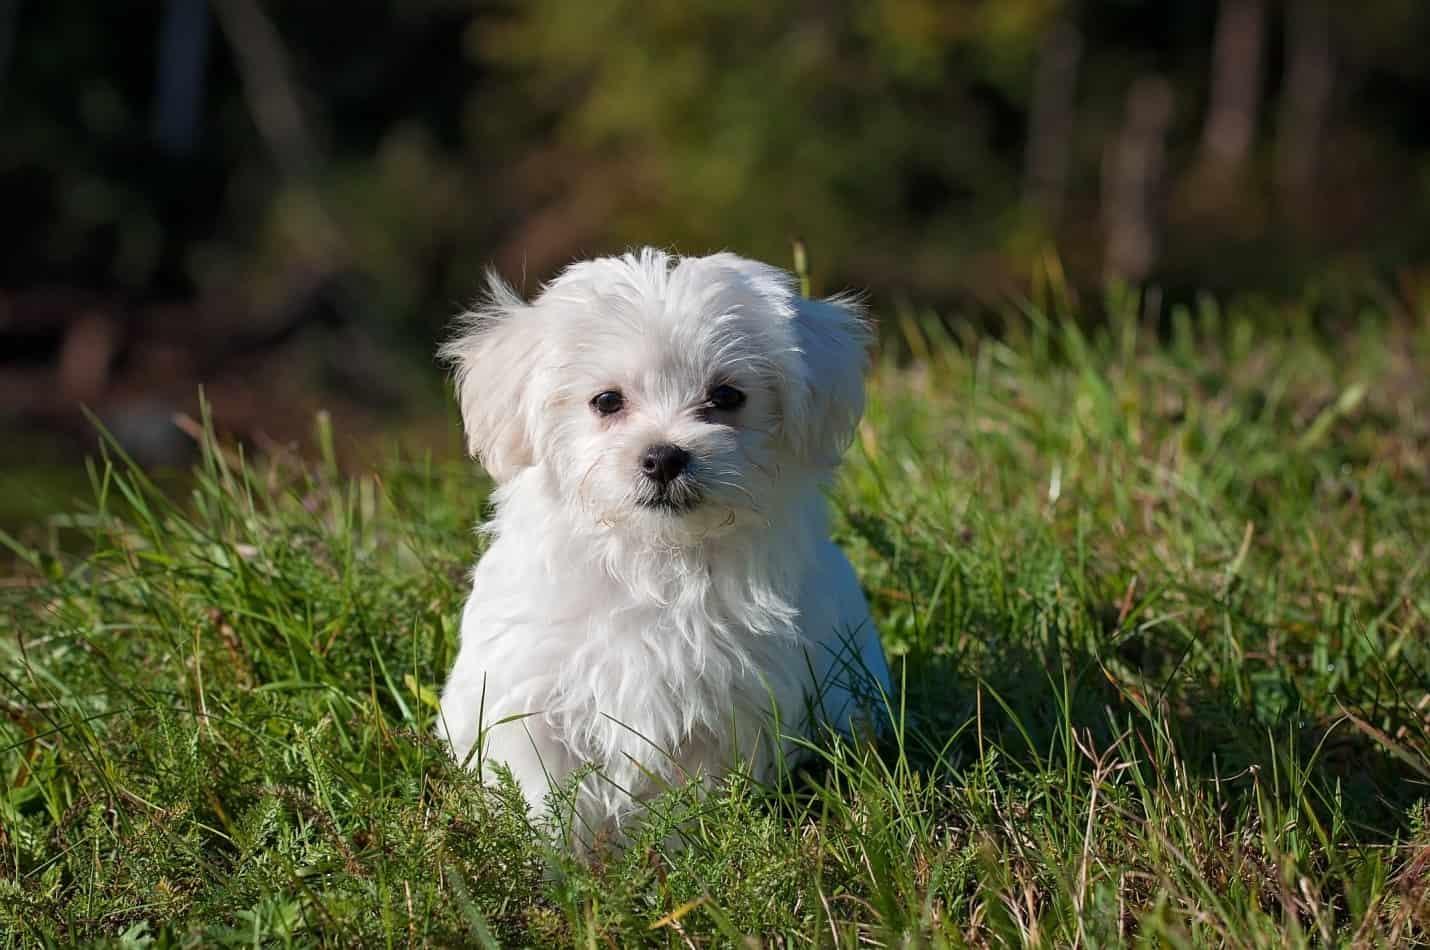 a cute white puppy